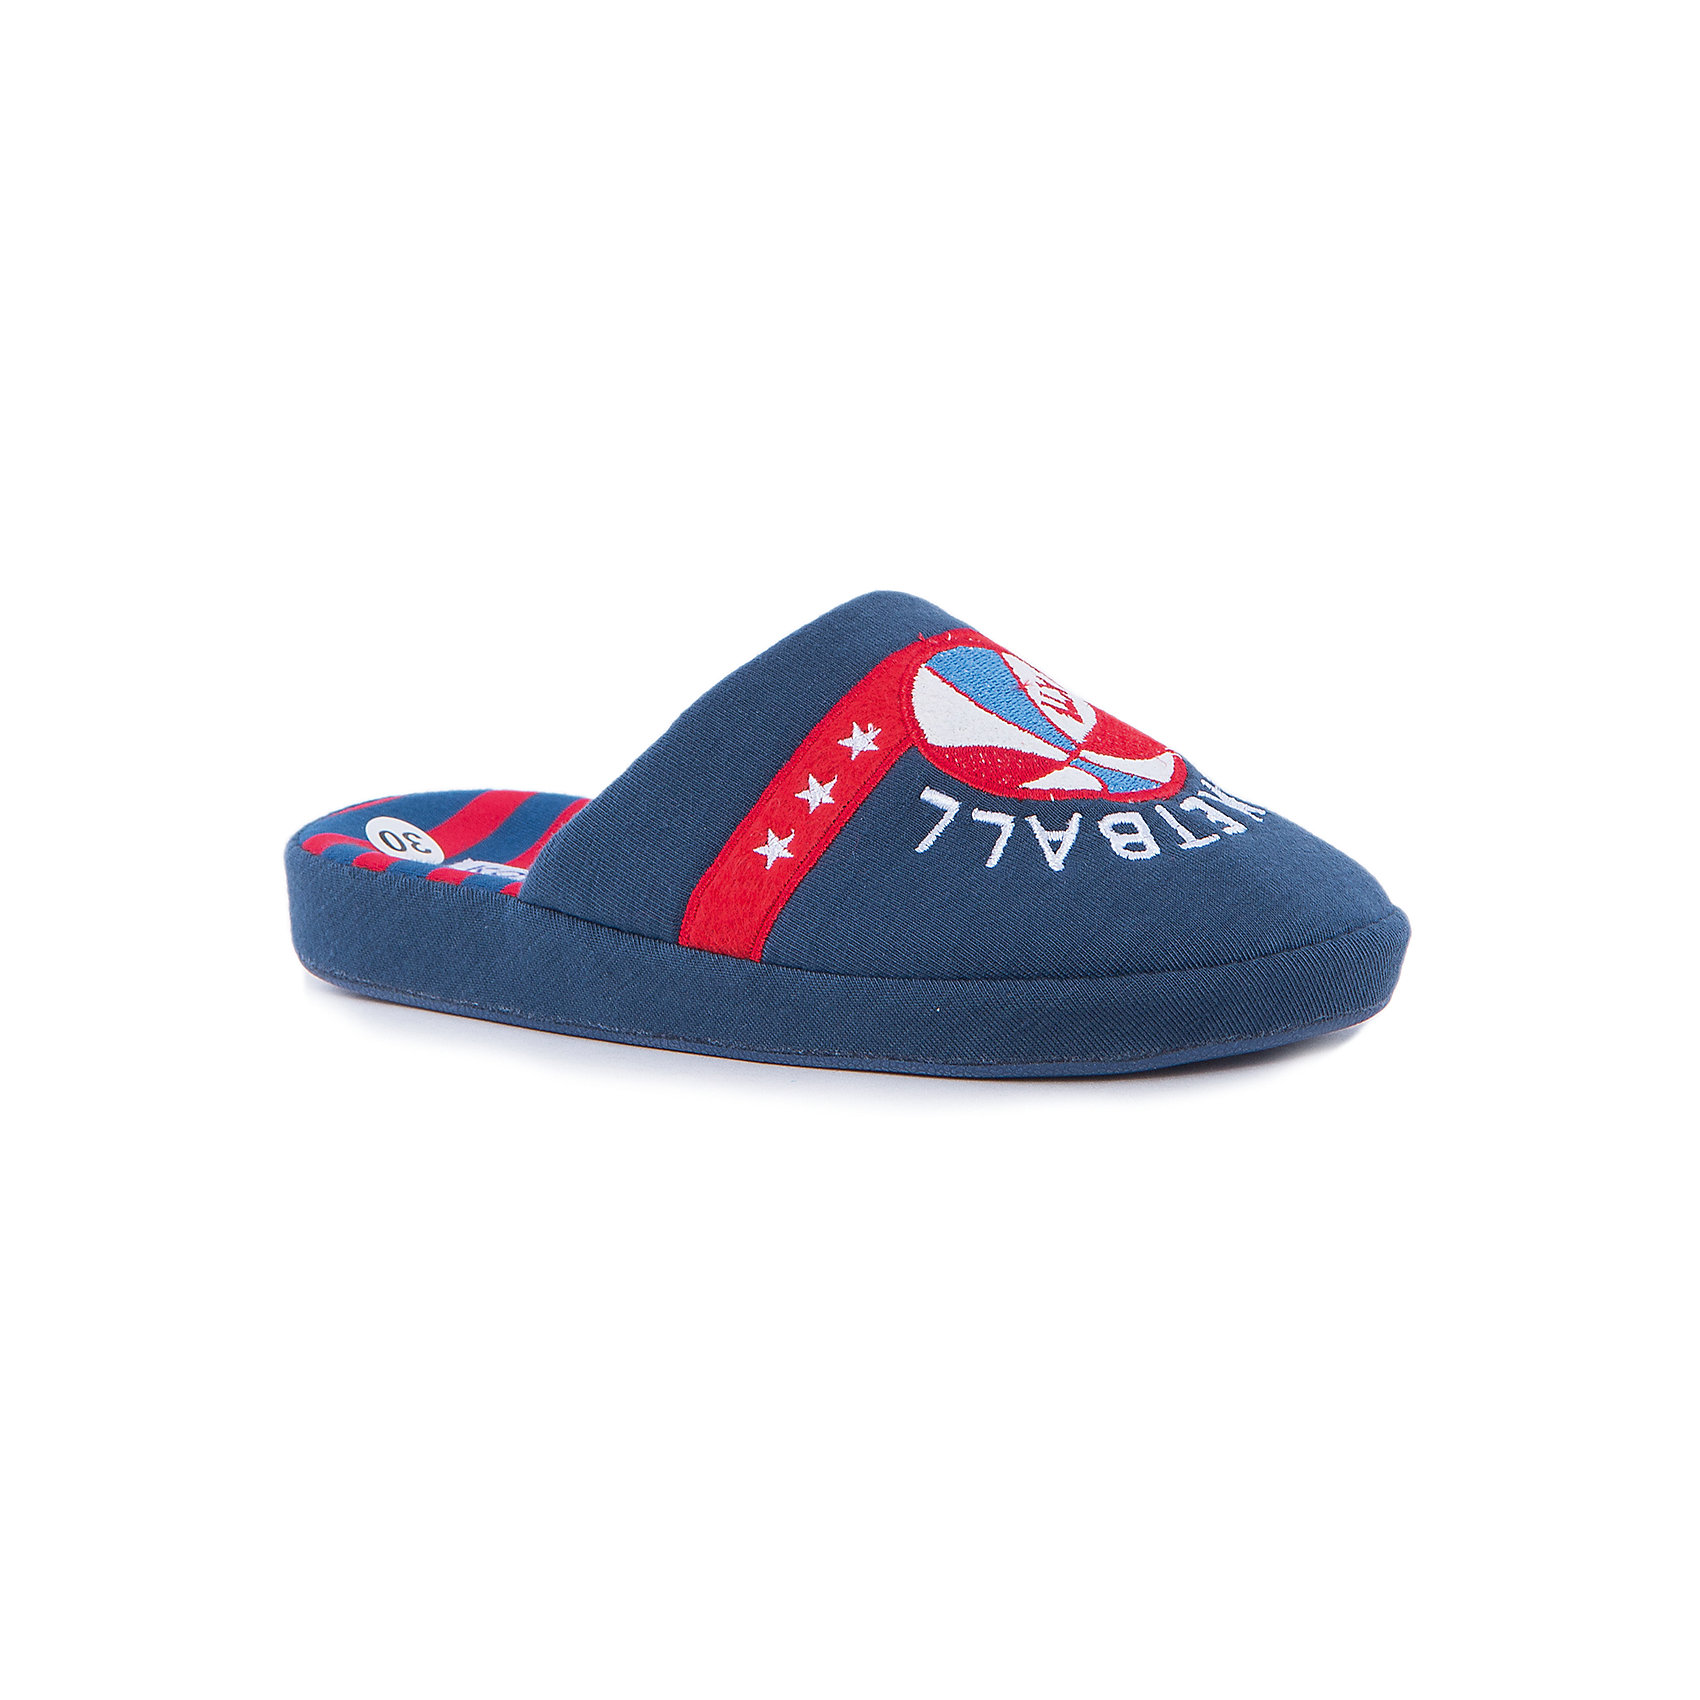 Тапки для мальчика КотофейДомашние тапочки<br>Котофей – качественная и стильная детская обувь по доступным ценам. С каждым днем популярность бренда растет.  Обувь – отражение человека. Домашней обуви необходимо уделять такое же внимание, как и уличной. Дизайн тапочек оценят все любители баскетбола. На закрытой части обуви есть аппликация – вышивка с эмблемой этого спорта. Такая домашняя обувь одновременно и согреет и будет стильным аксессуаром к любимой пижамке подходящего цвета.<br><br>Дополнительная информация:<br><br>цвет: цветной;<br>крепление: клеевое.<br><br>Состав:<br>верх – утепленный текстиль;<br>материал подклада – текстиль;<br>подошва – ТЭП.<br><br>Цветные тапочки для мальчика дошкольного возраста из текстиля от фирмы Котофей можно приобрести в нашем магазине.<br><br>Ширина мм: 219<br>Глубина мм: 158<br>Высота мм: 118<br>Вес г: 274<br>Цвет: разноцветный<br>Возраст от месяцев: 108<br>Возраст до месяцев: 120<br>Пол: Мужской<br>Возраст: Детский<br>Размер: 33,31,35,32,34,30<br>SKU: 4982078